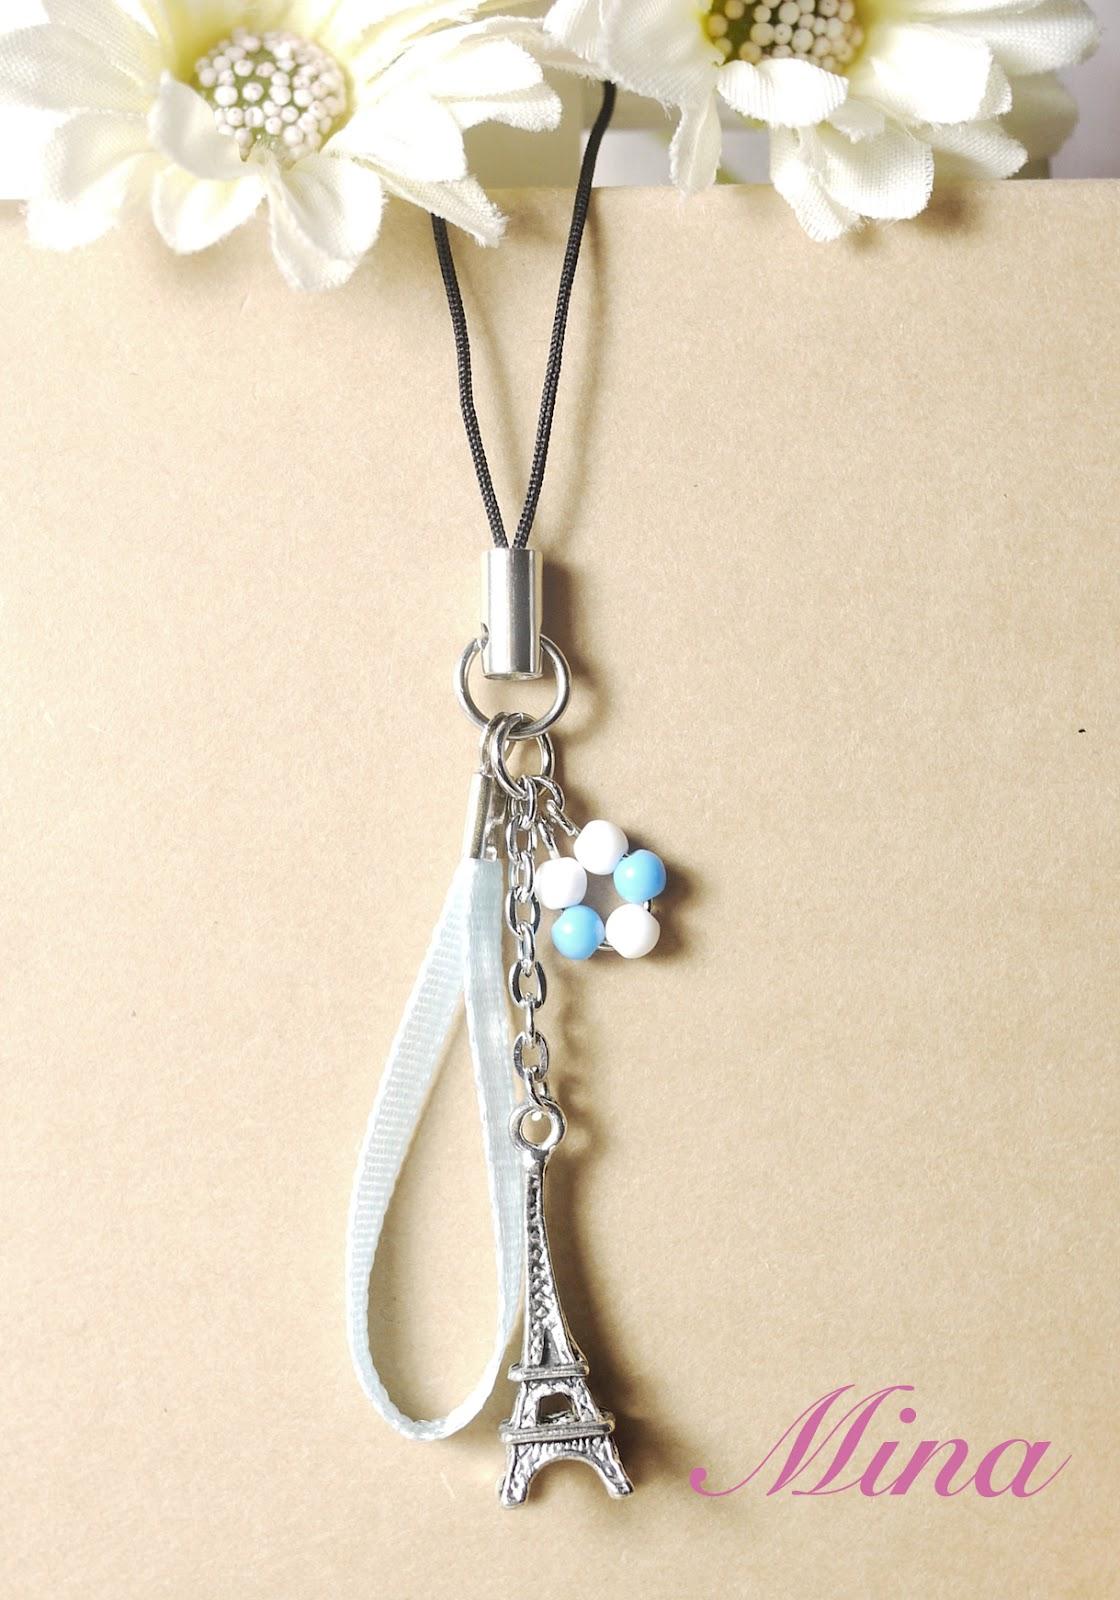 Mina手作飾品: 5/24新作品~項鍊,吊飾,手鍊